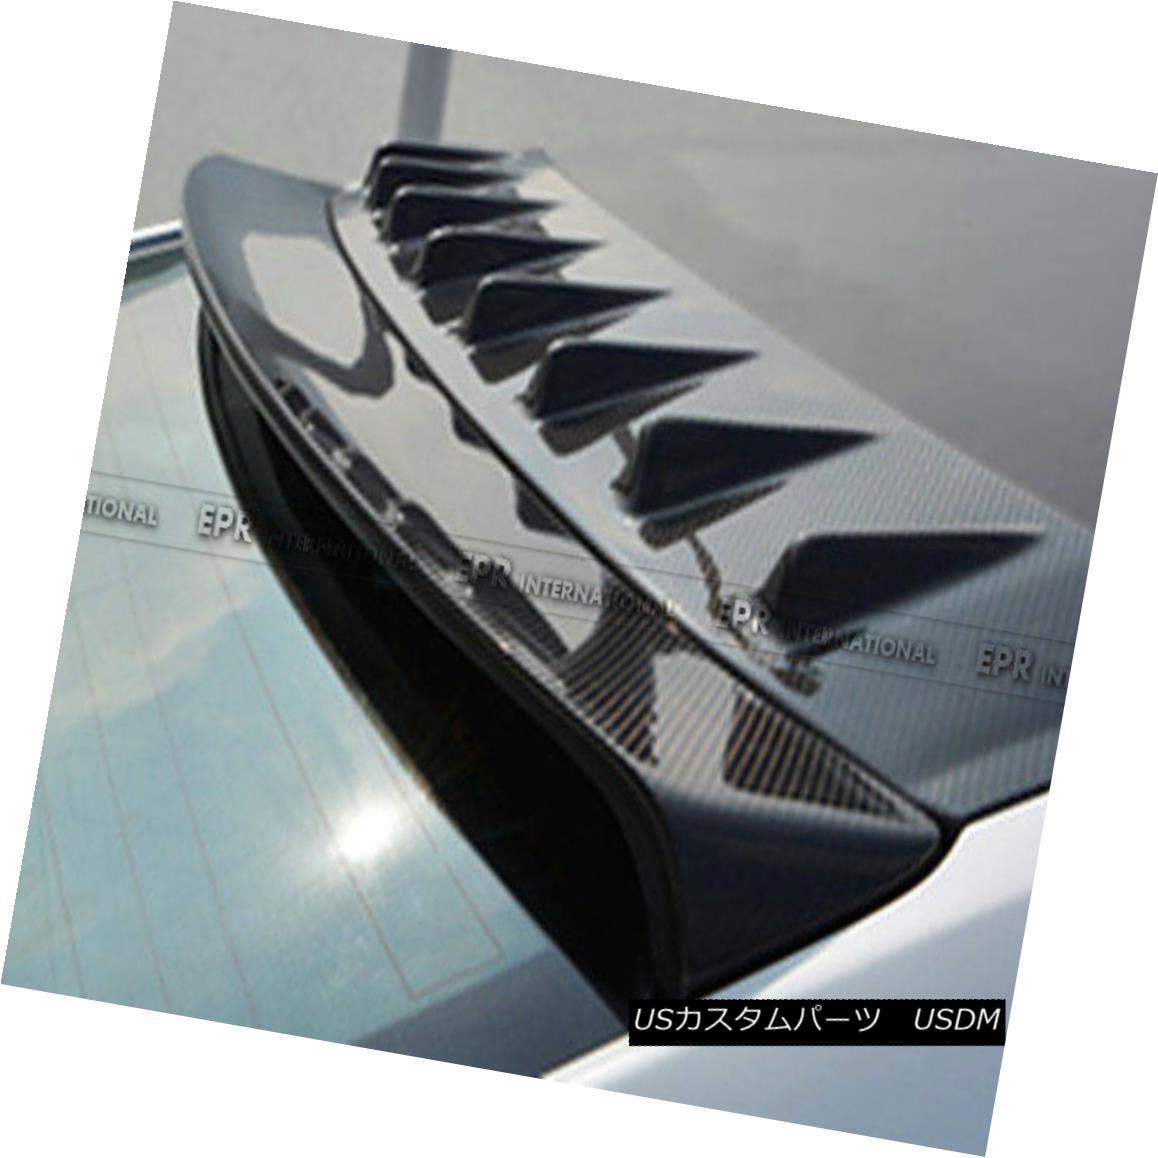 エアロパーツ ABC FRP Vortexx Generator Part Kits For Honda Civic FC 10th Generation Racing ホンダシビックFC第10世代レーシング用ABC FRPボルテックスジェネレータキット